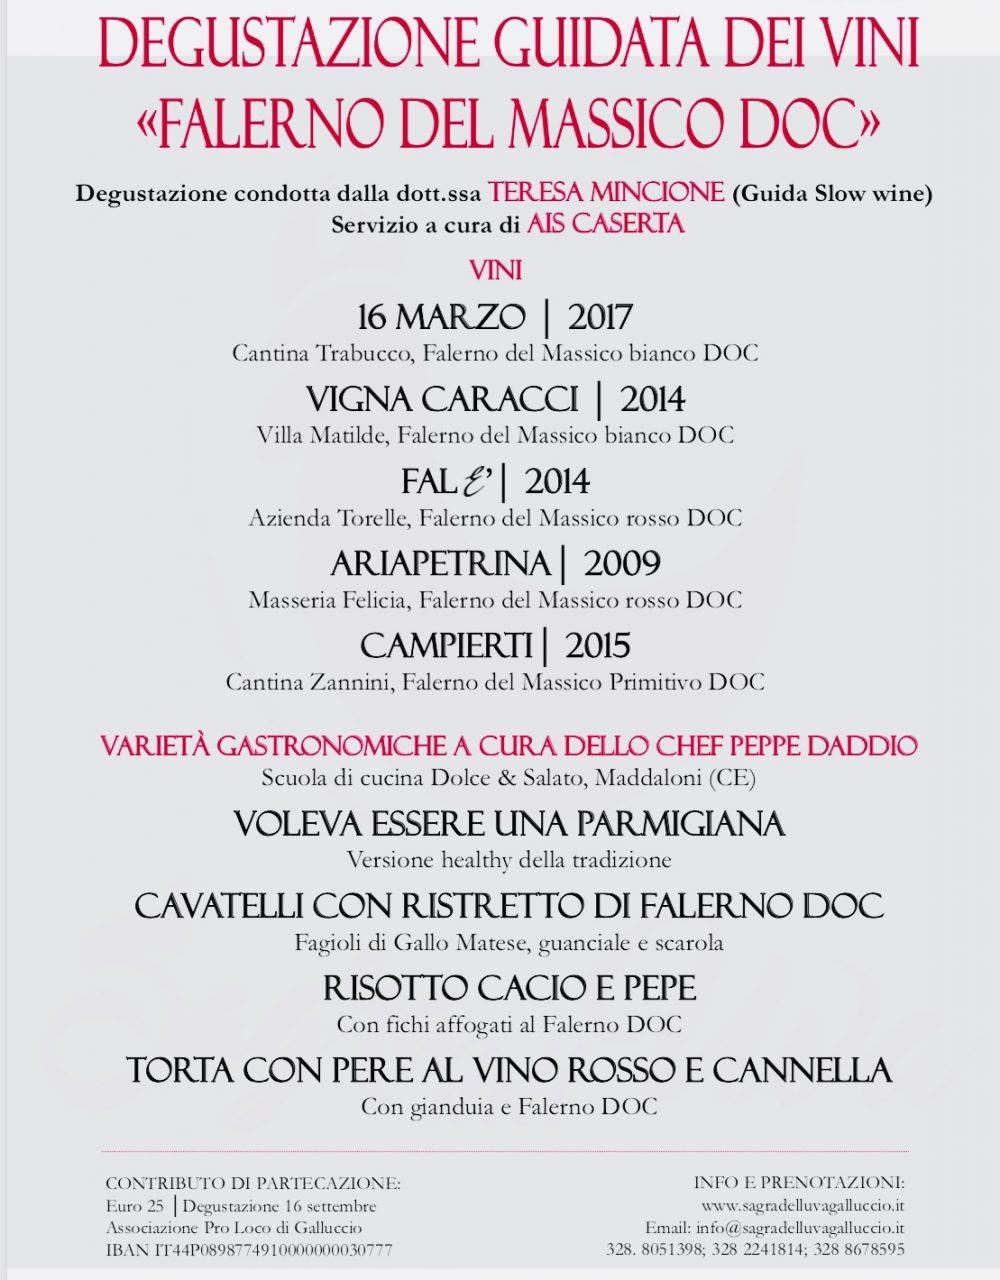 Sagra del Vino Galluccio